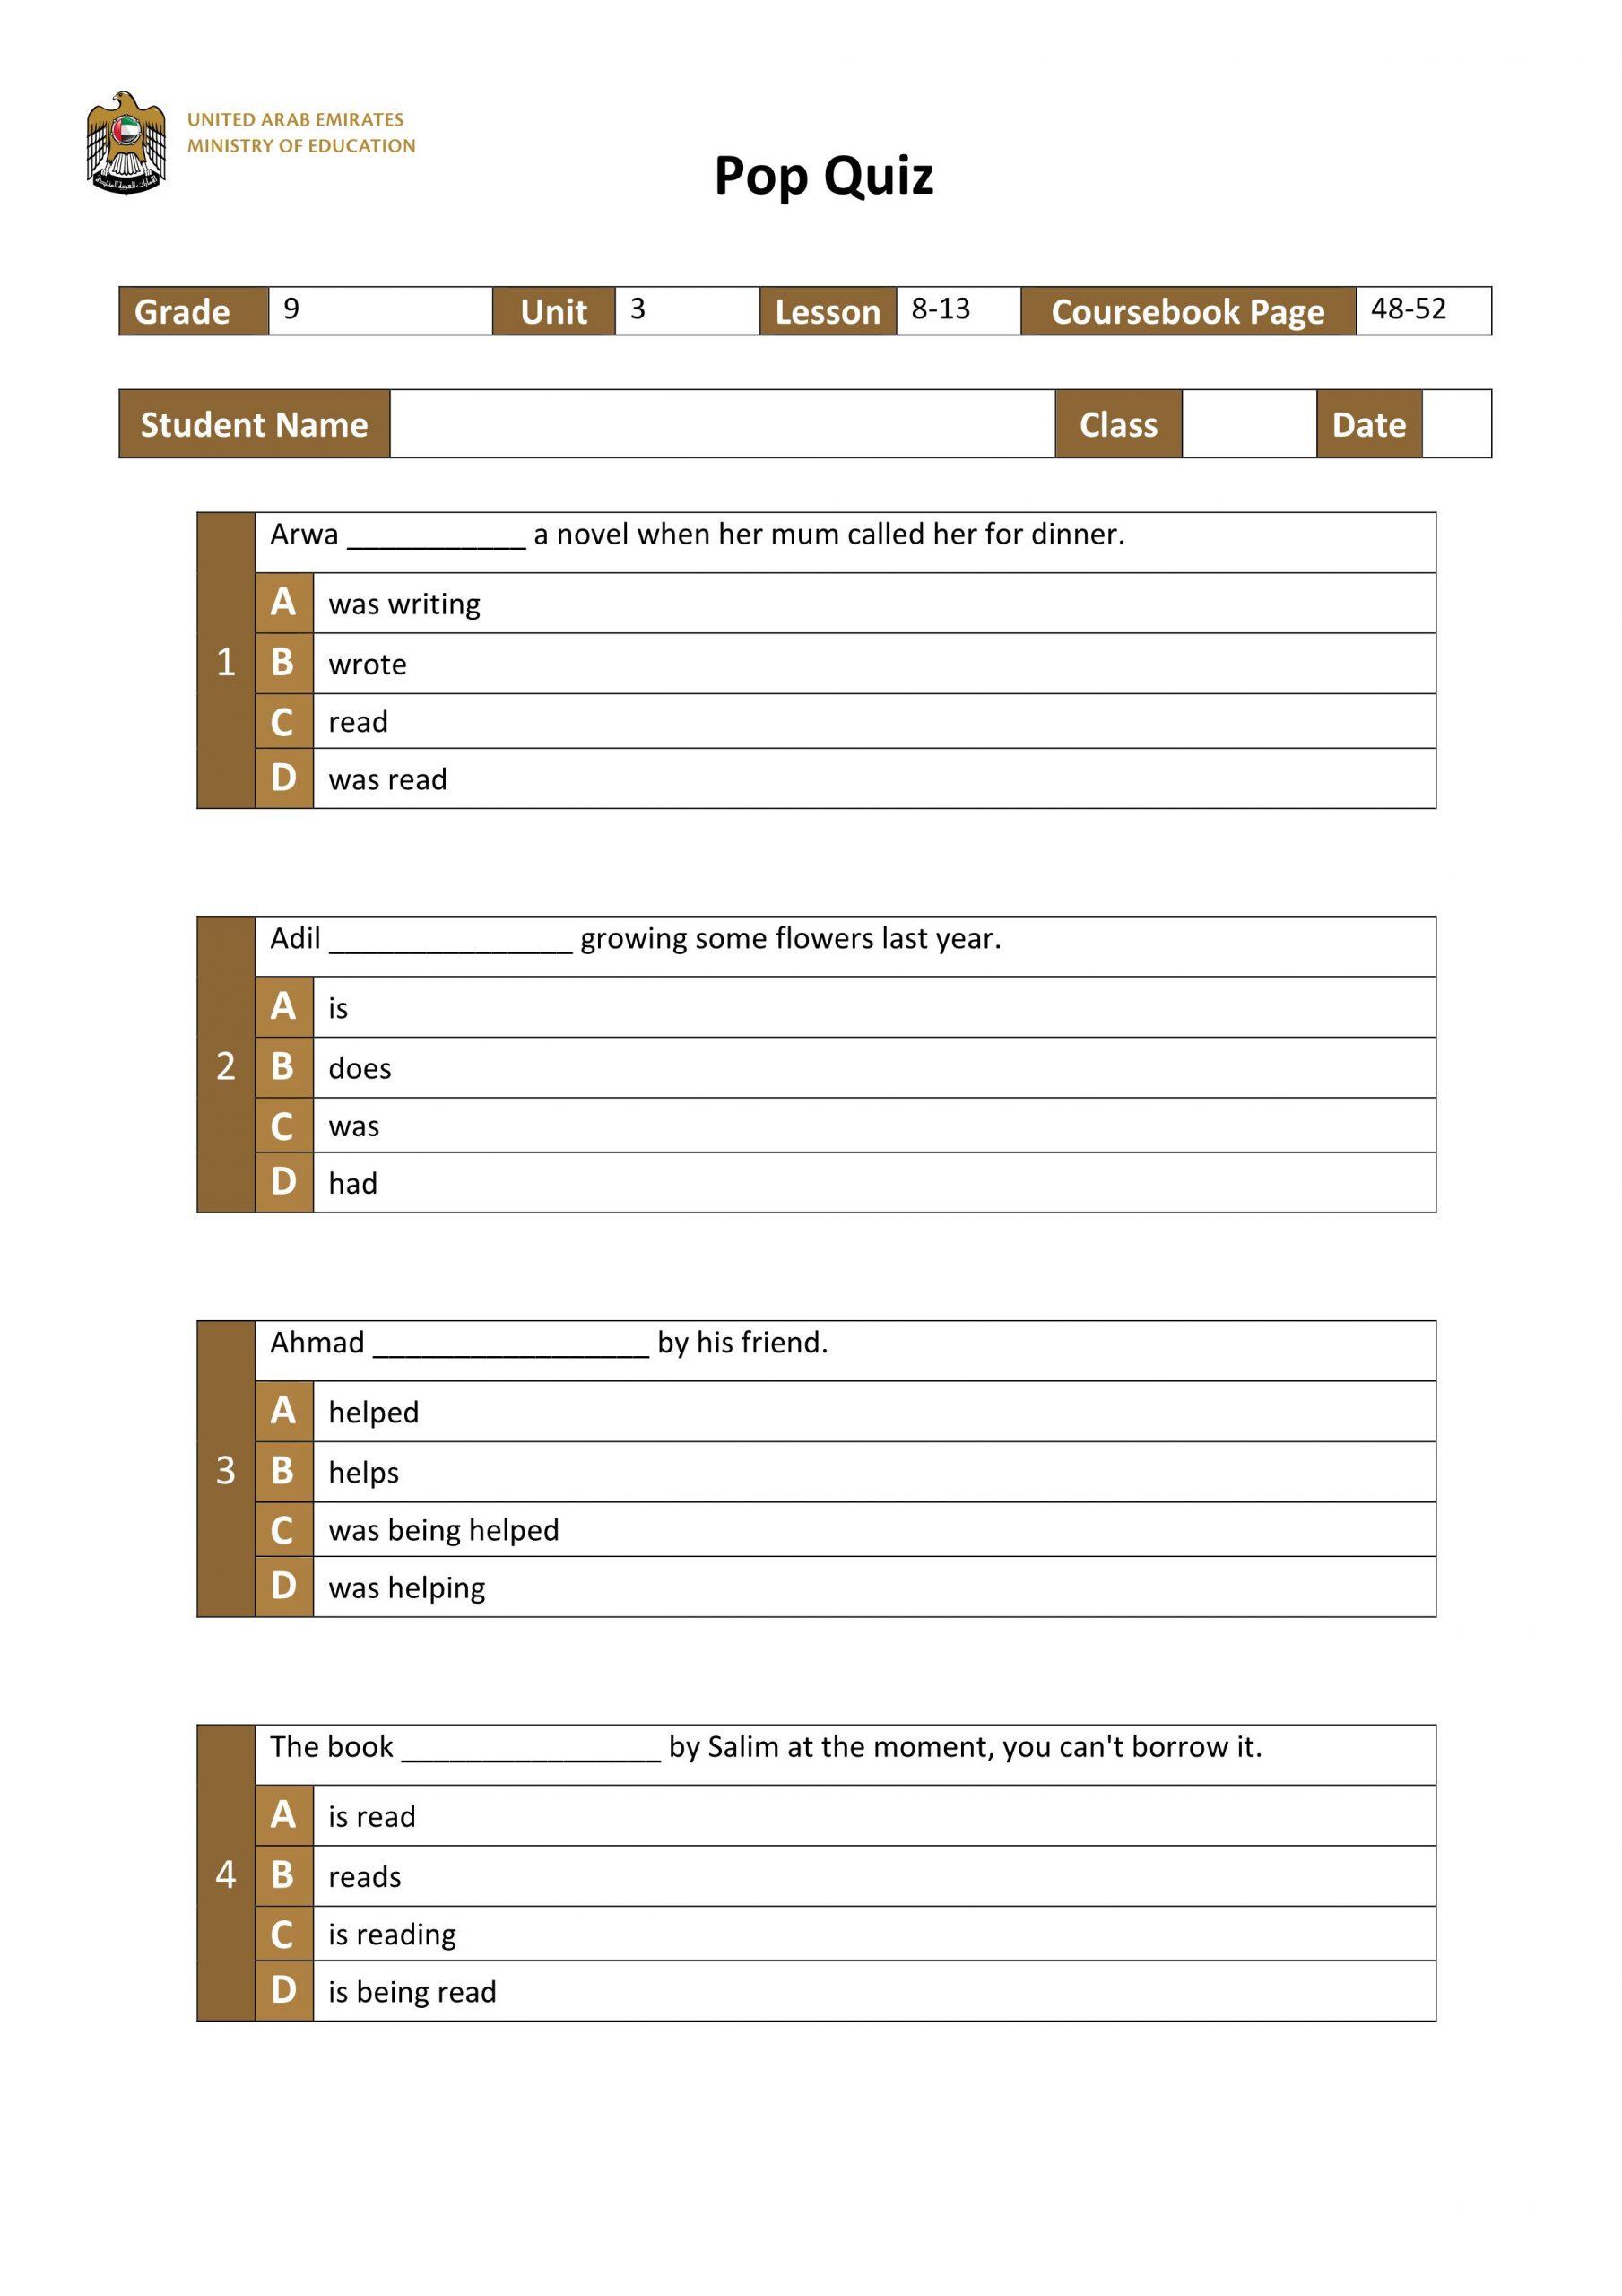 اوراق عمل Unit 3 Lesson 8-13 الصف التاسع مادة اللغة الانجليزية